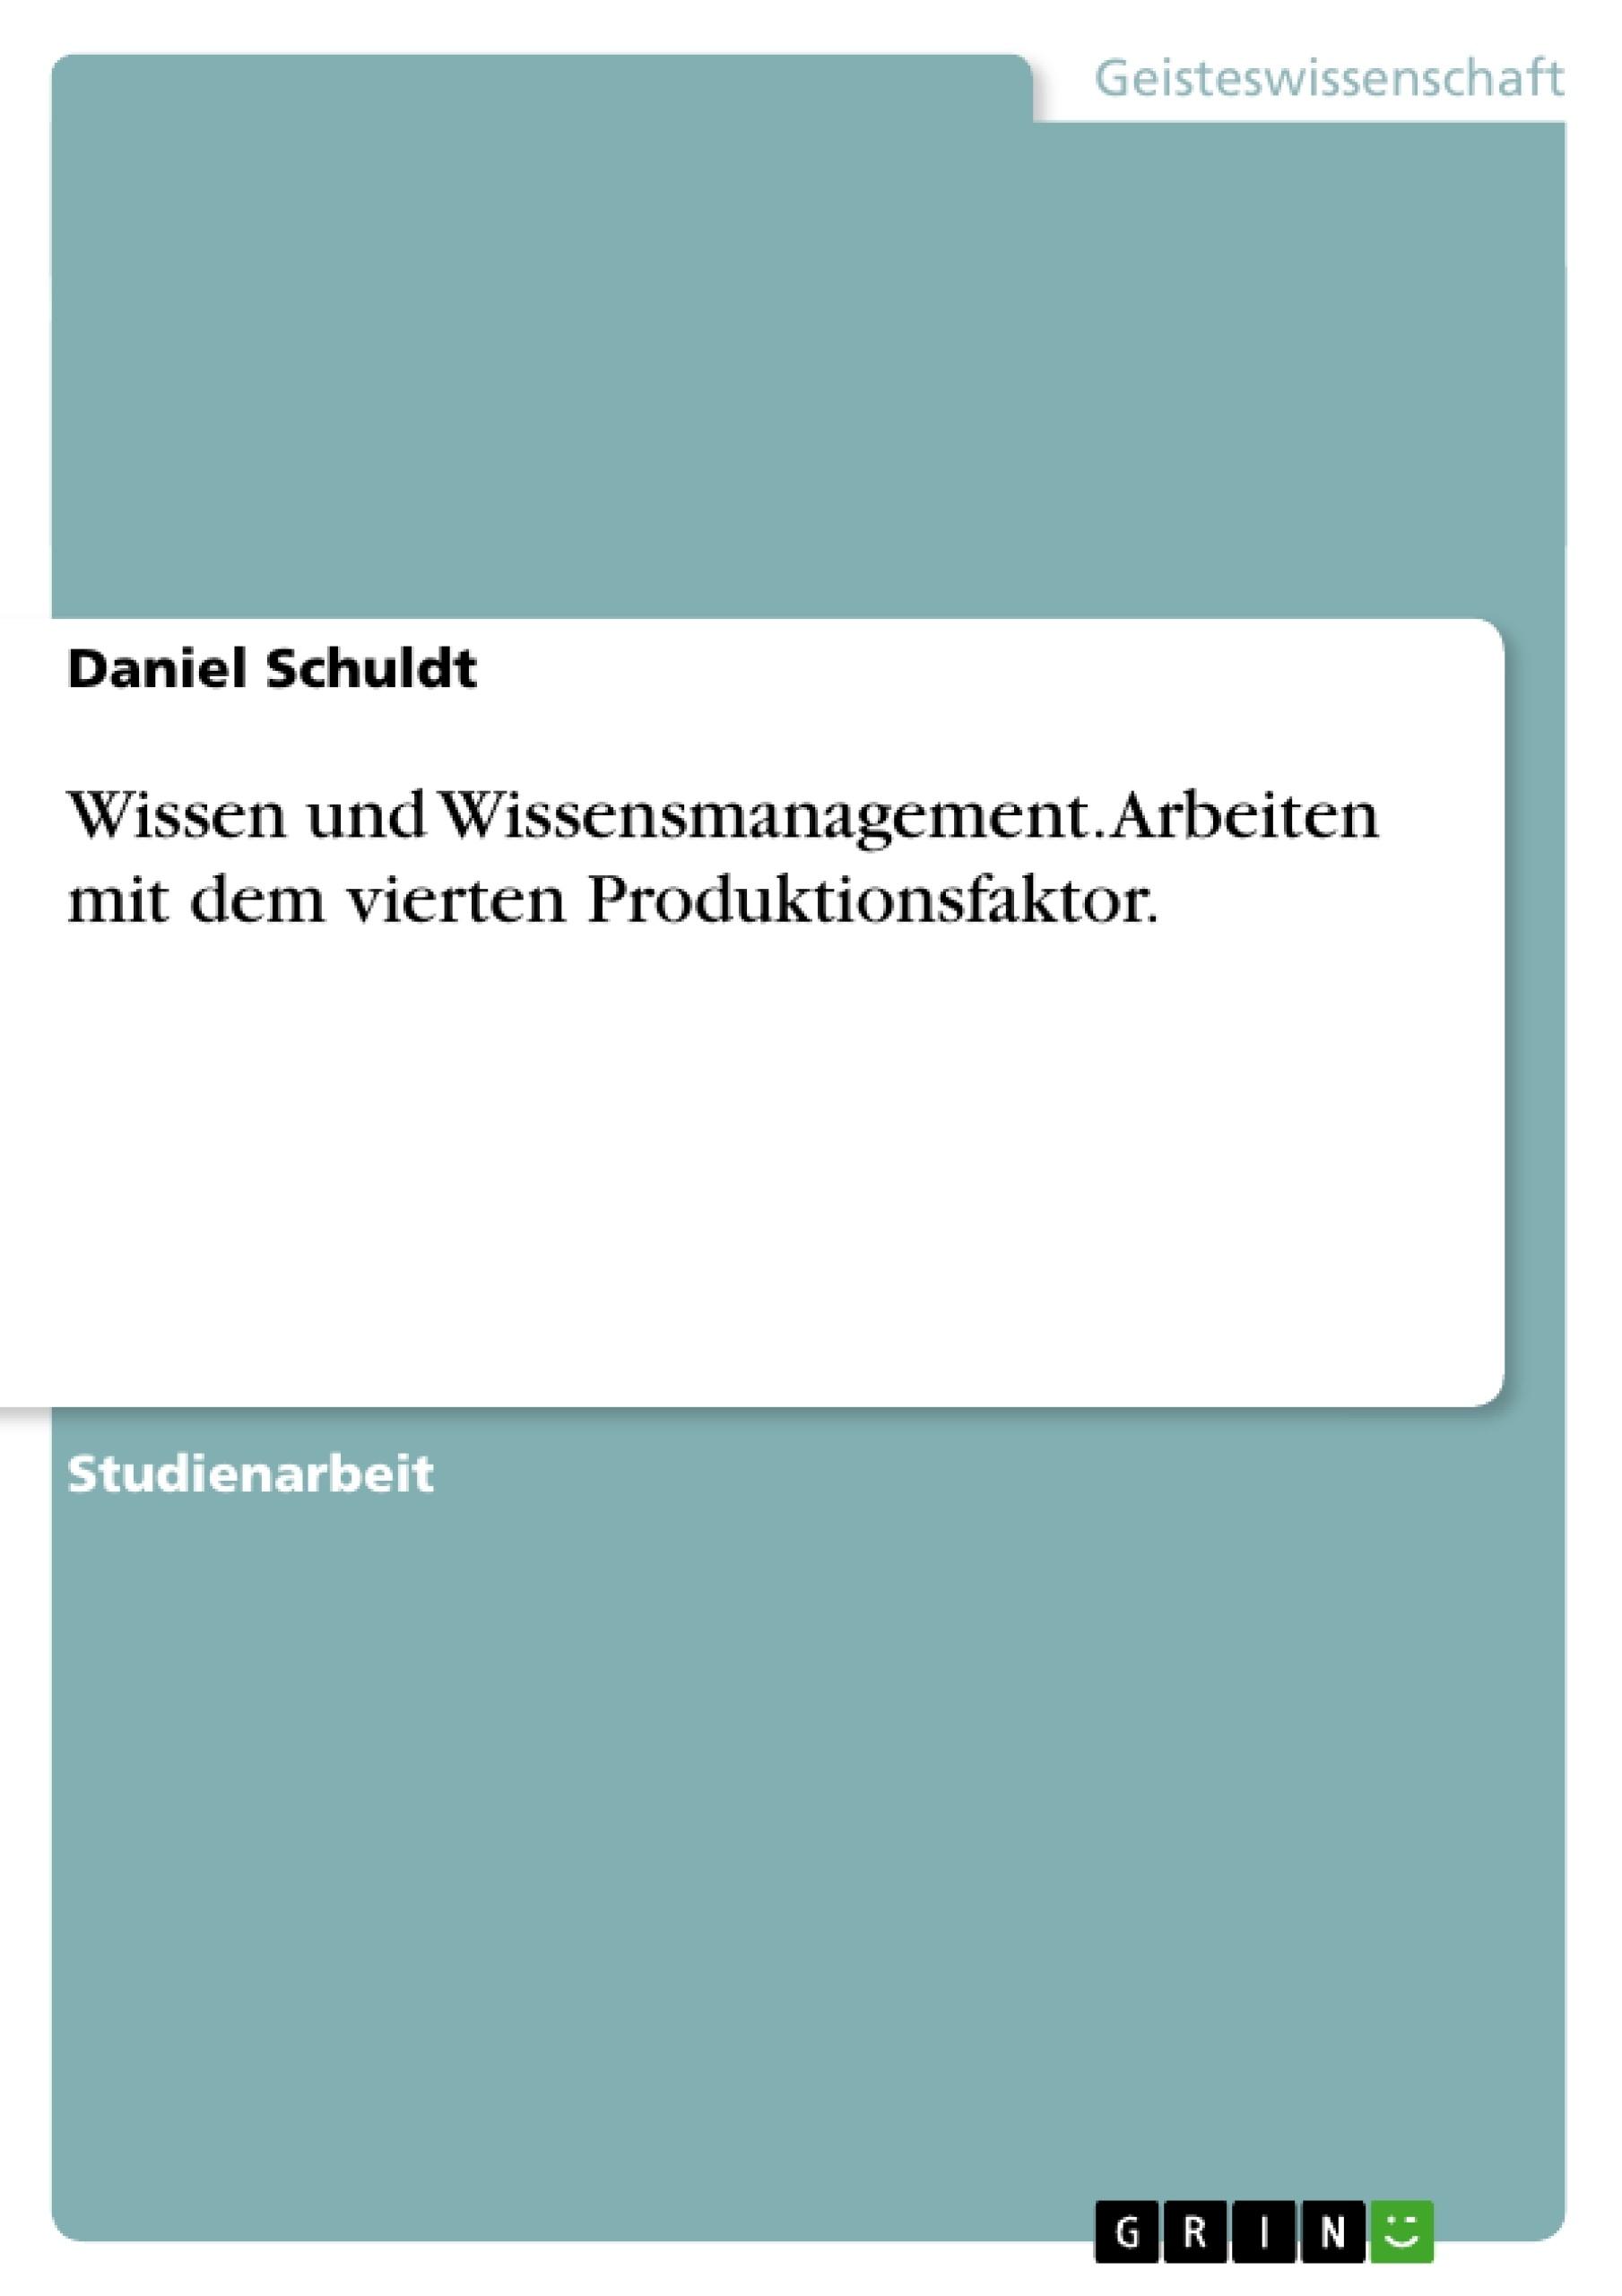 Titel: Wissen und Wissensmanagement. Arbeiten mit dem vierten Produktionsfaktor.